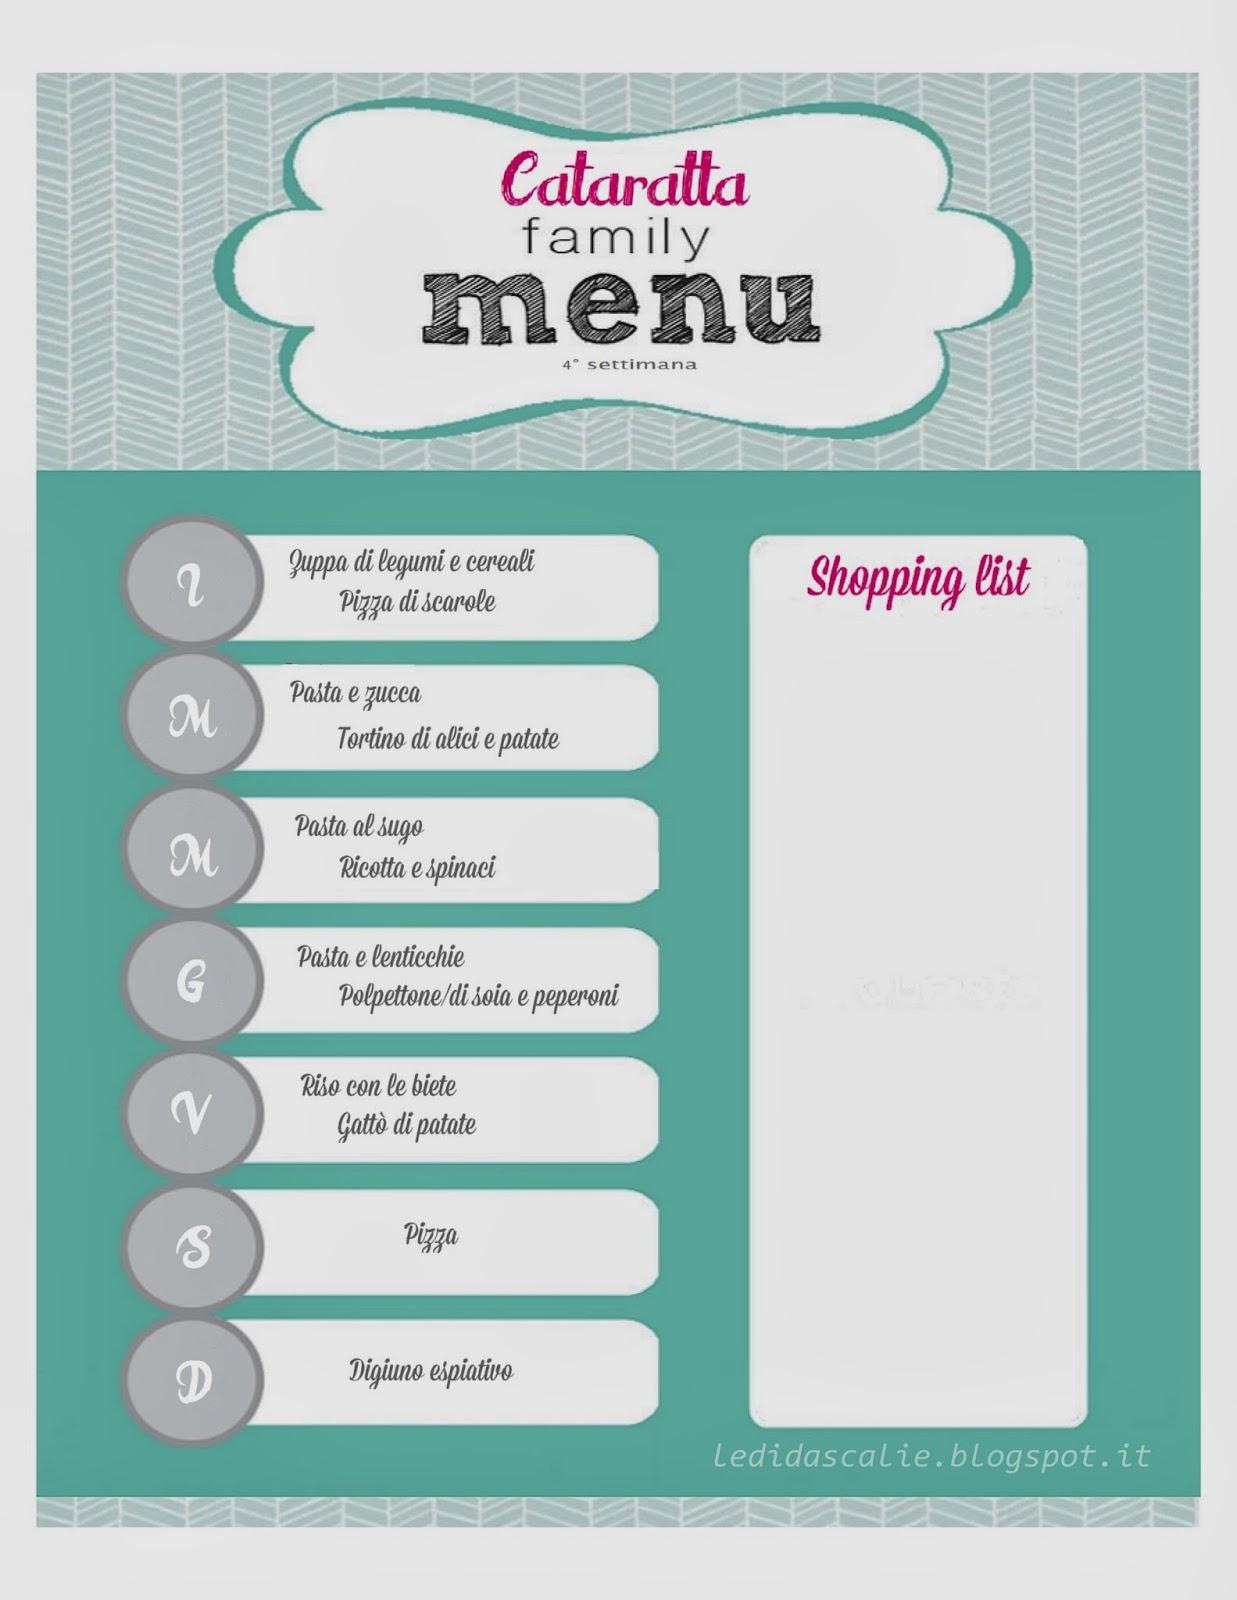 Maison cataratta menu planning 1 for Planning faccende domestiche